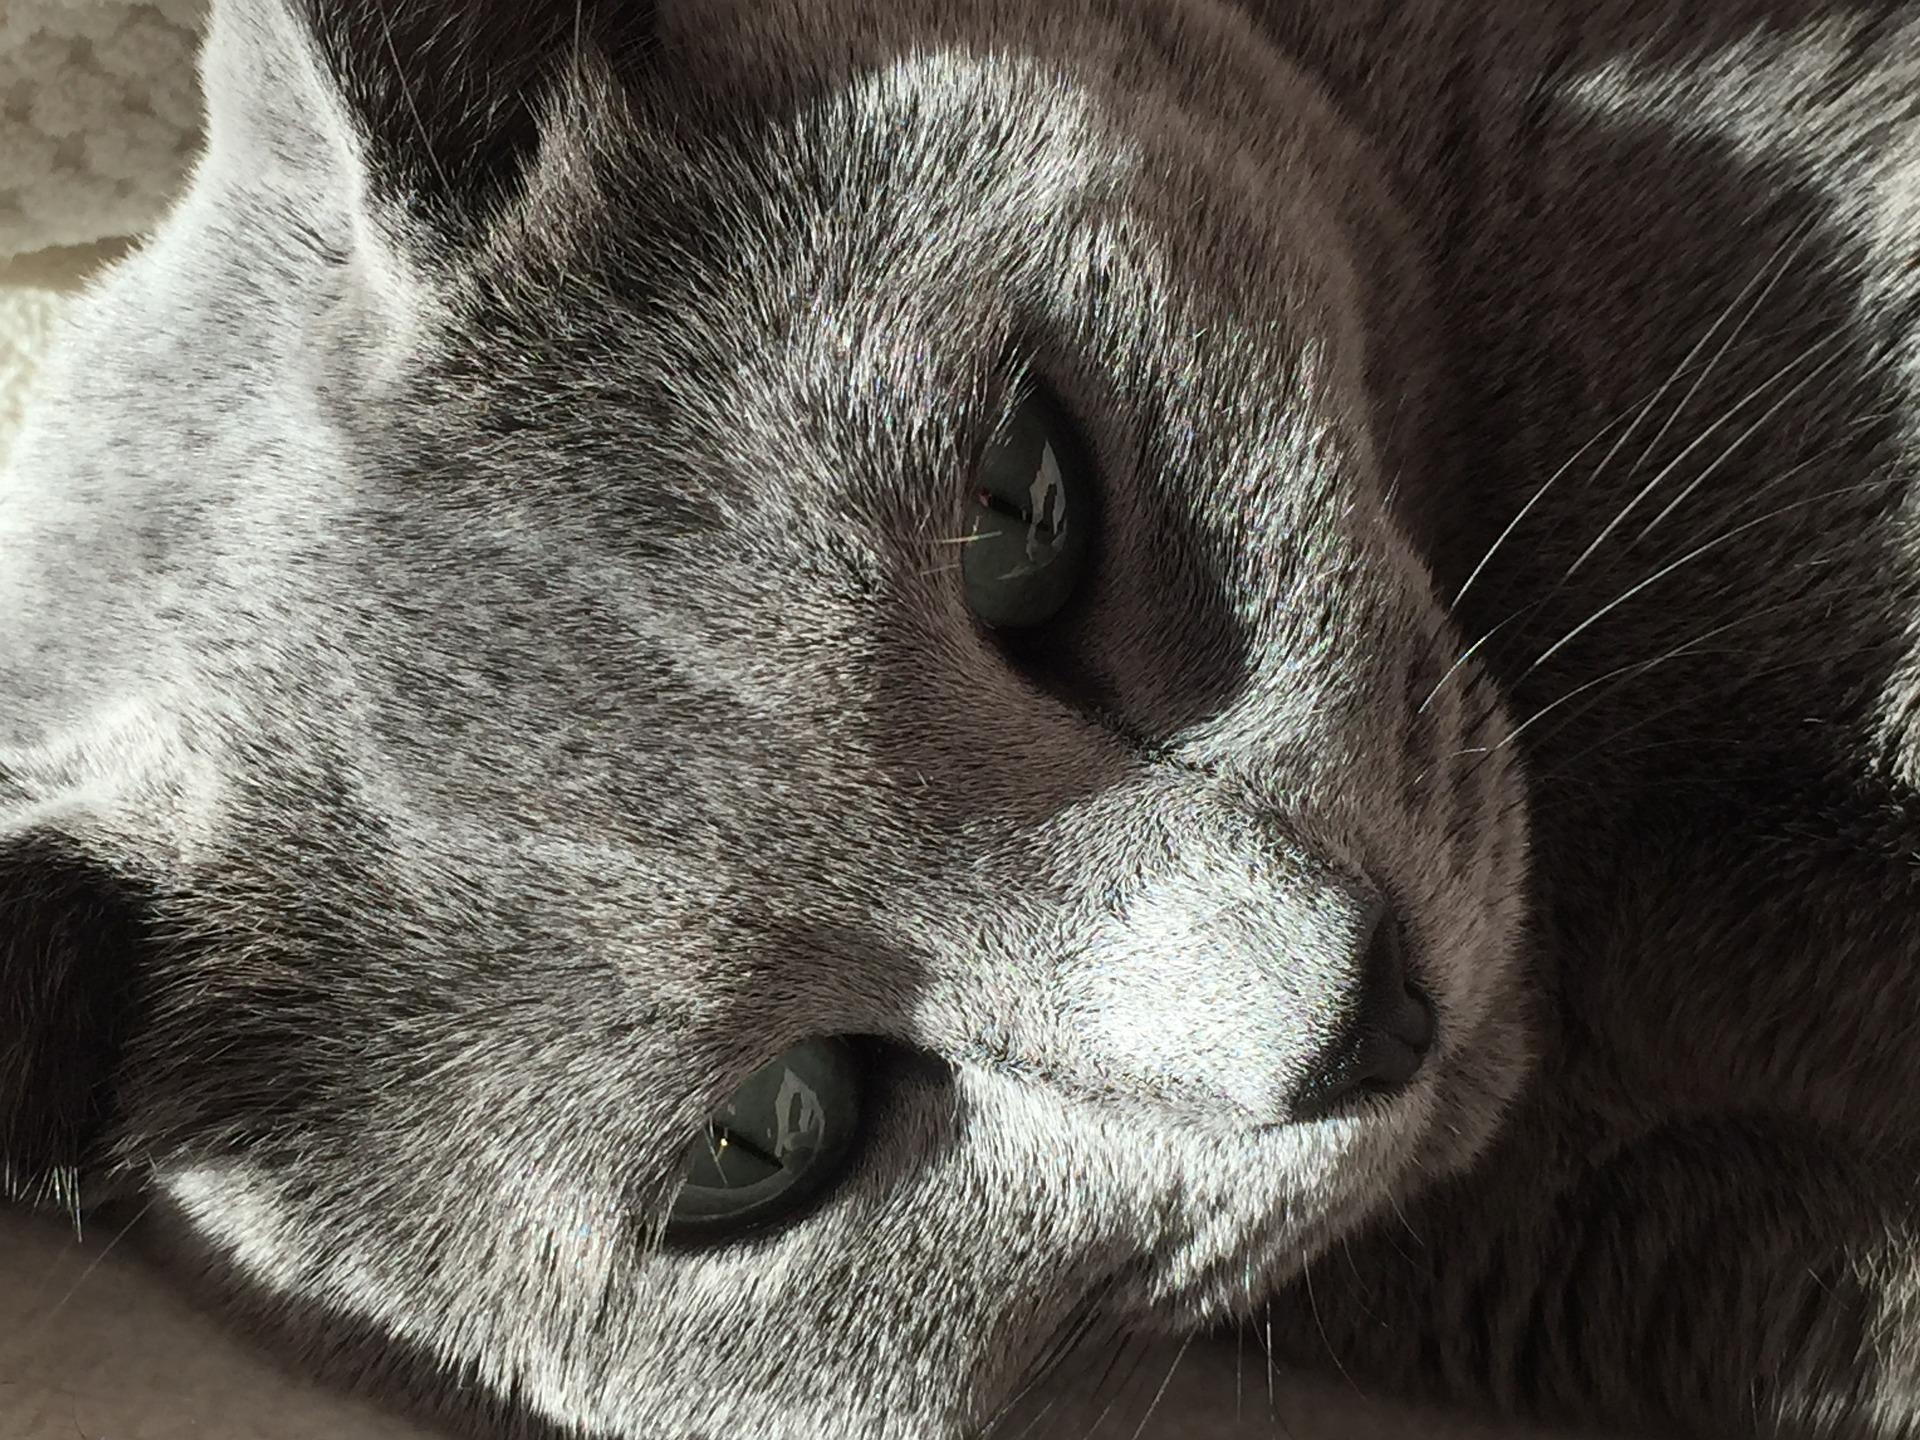 Blauwe Rus zijn bekende kattenrassen